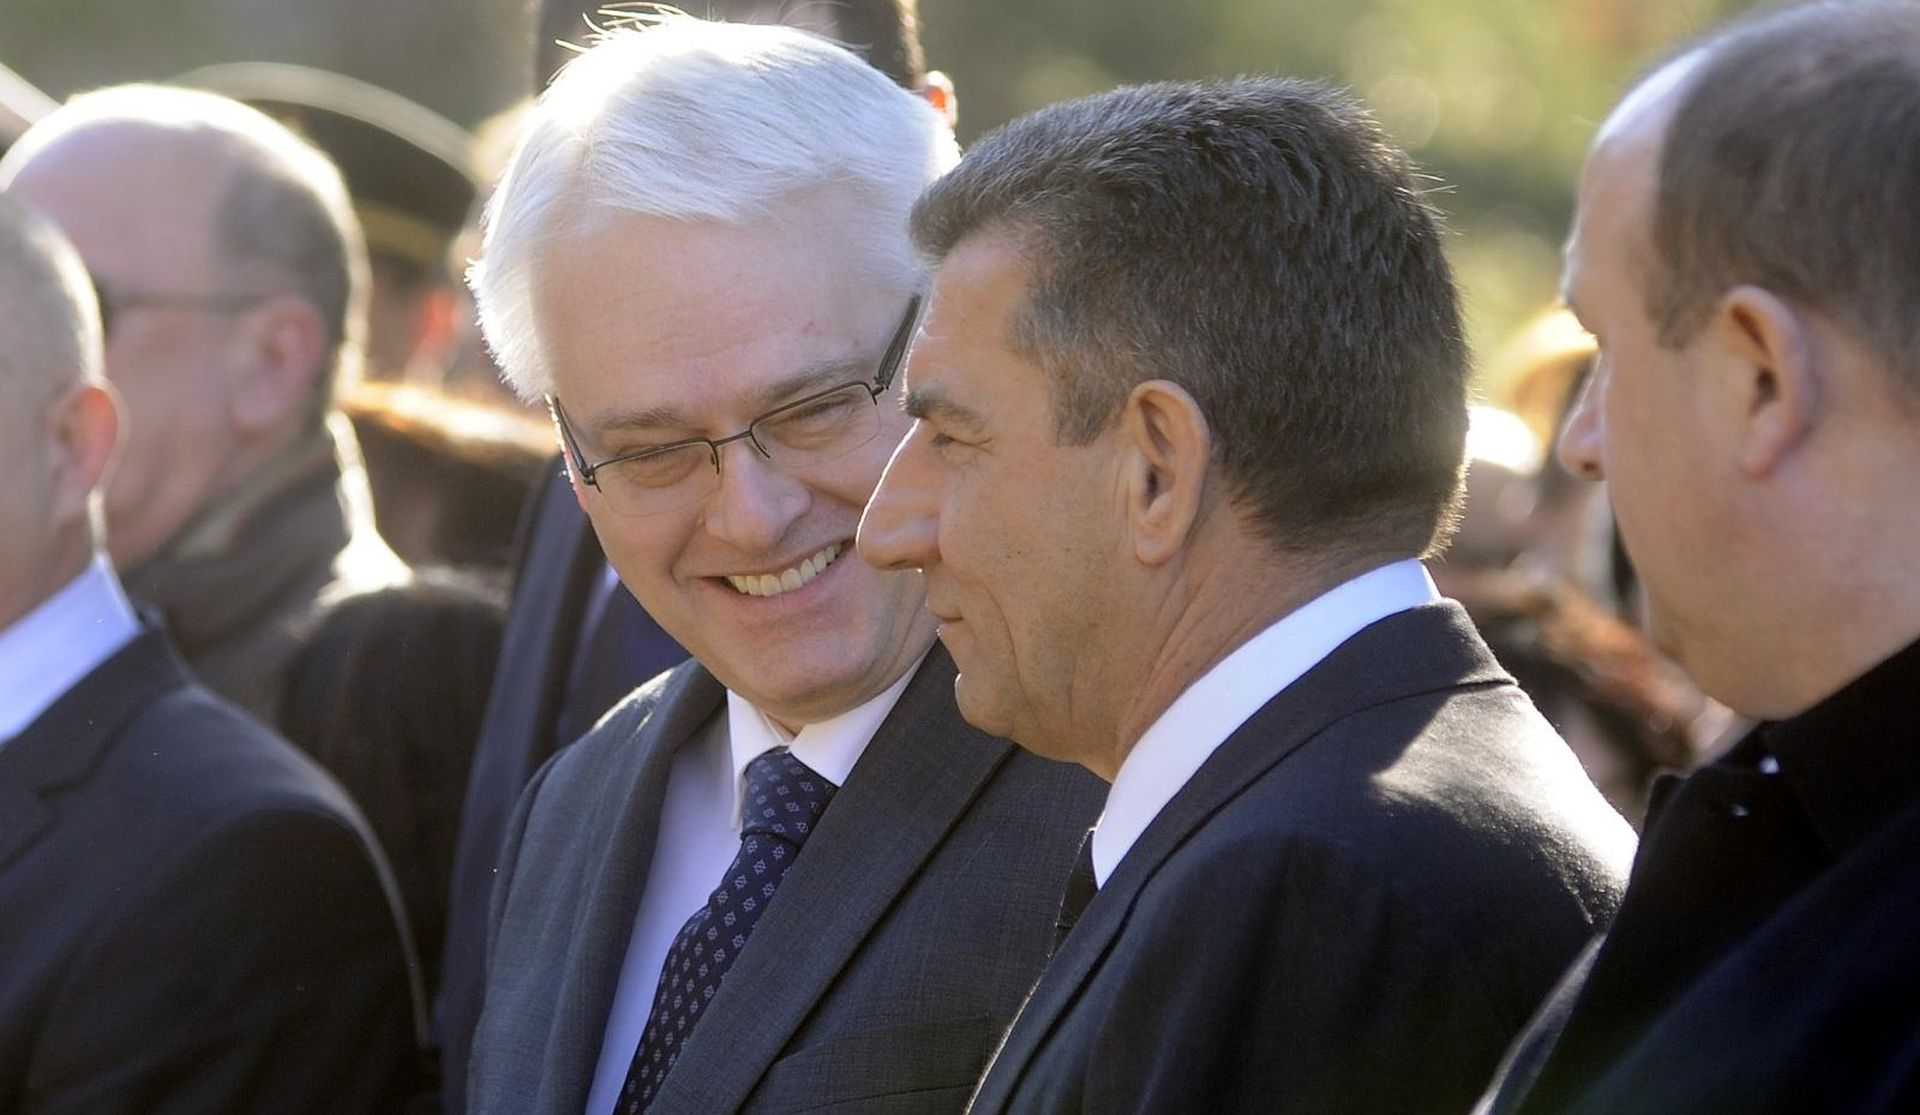 Josipoviću 'zeleno svjetlo' za ulazak u SDP